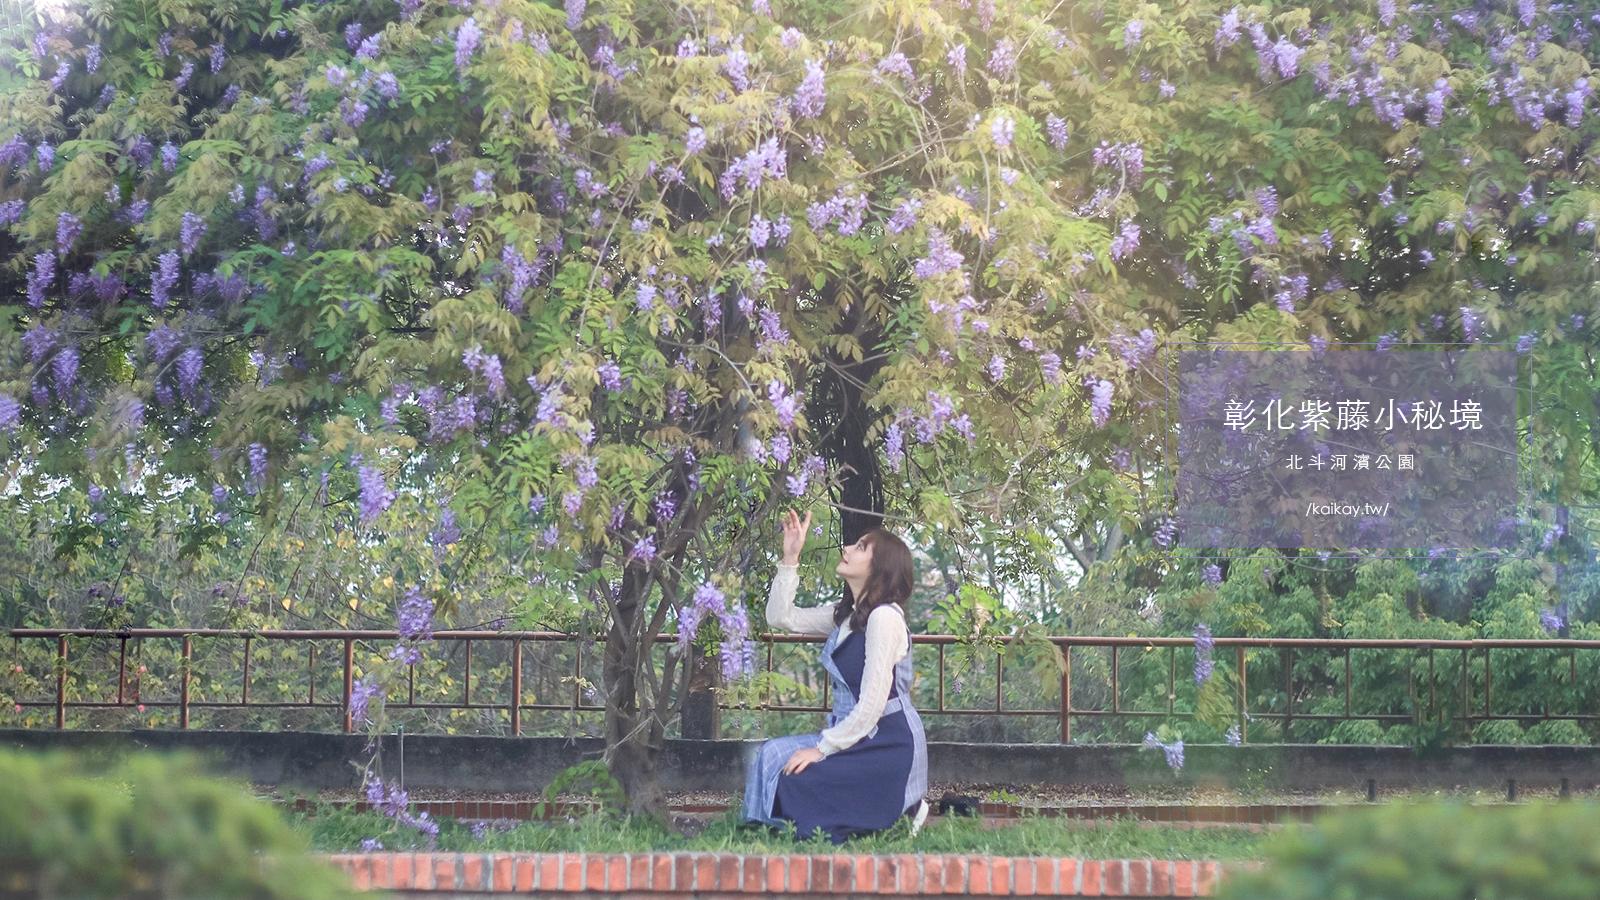 ☆【彰化景點】紫藤小秘境:浪漫紫色廊道|北斗河濱公園 @凱的日本食尚日記